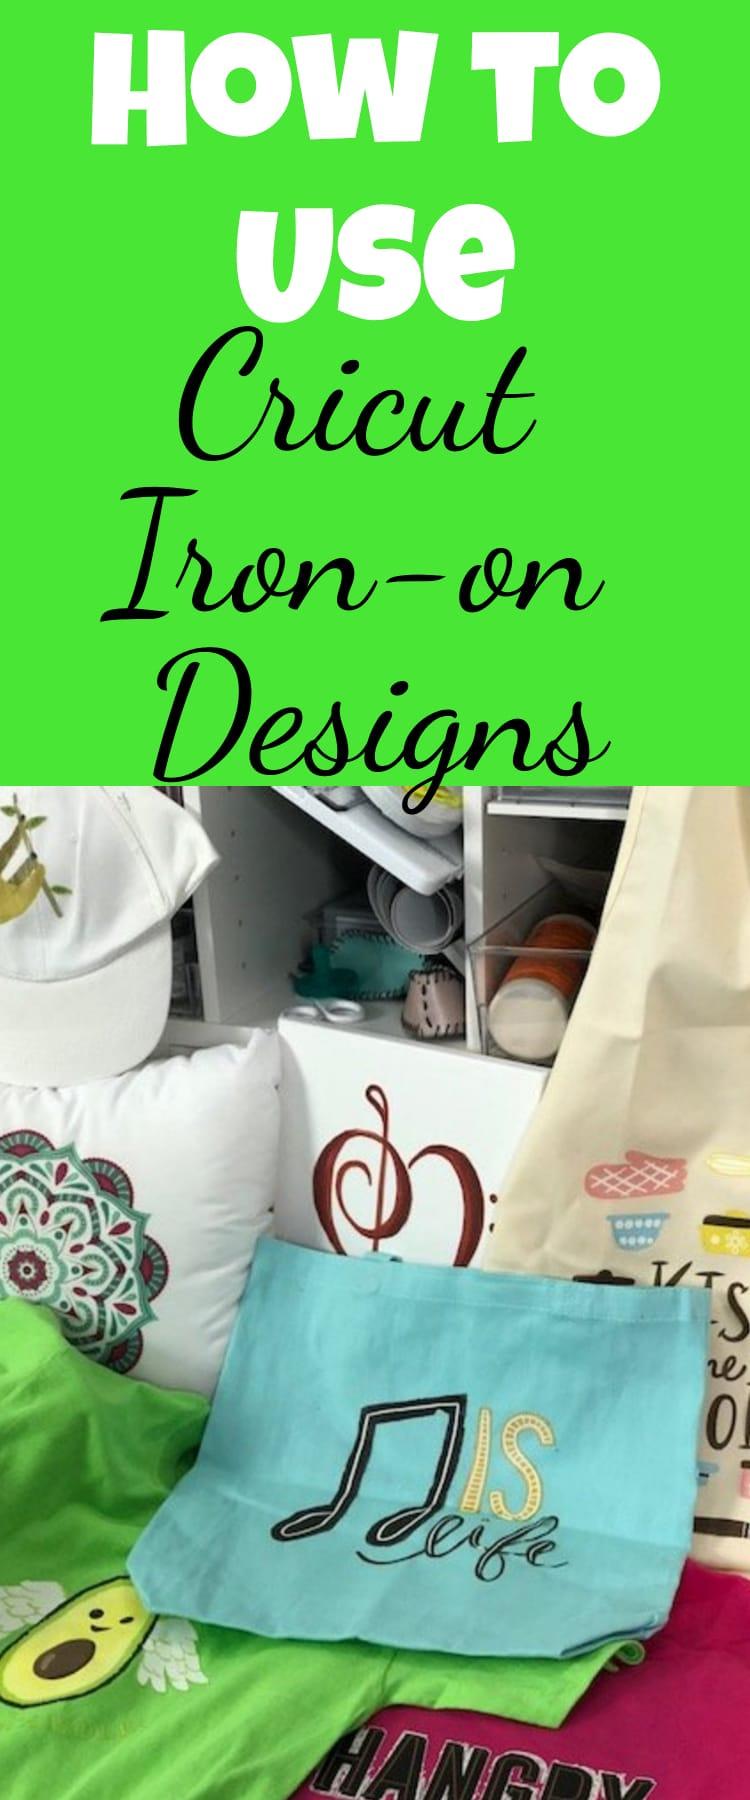 Cricut Iron-on Designs